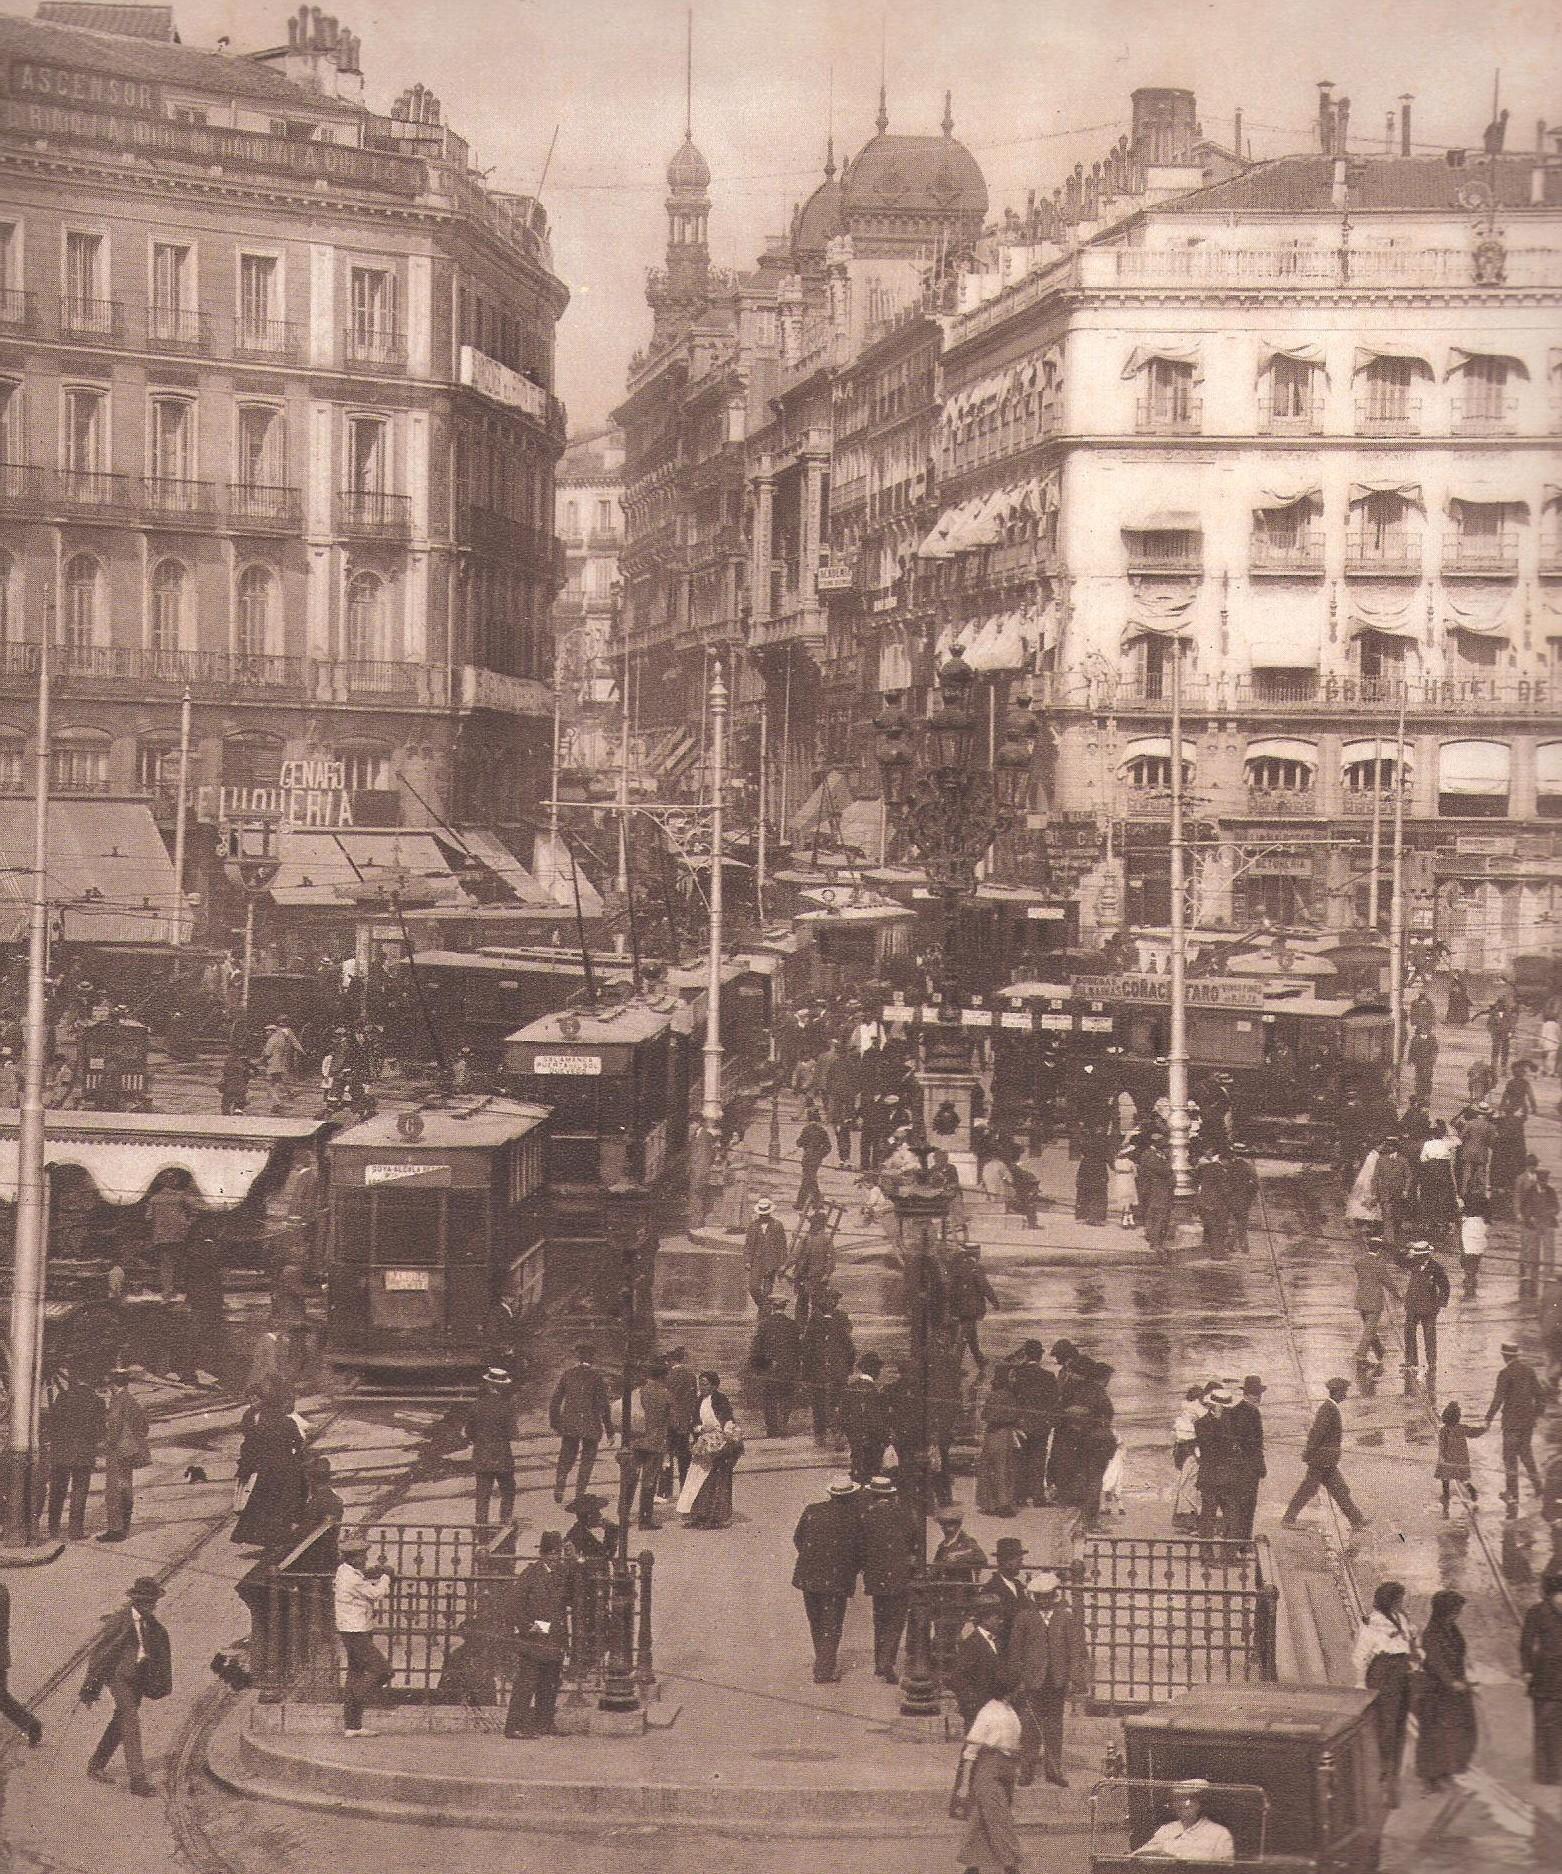 Panoramica de la Puerta del Sol, foto: La Esfera, año 1916